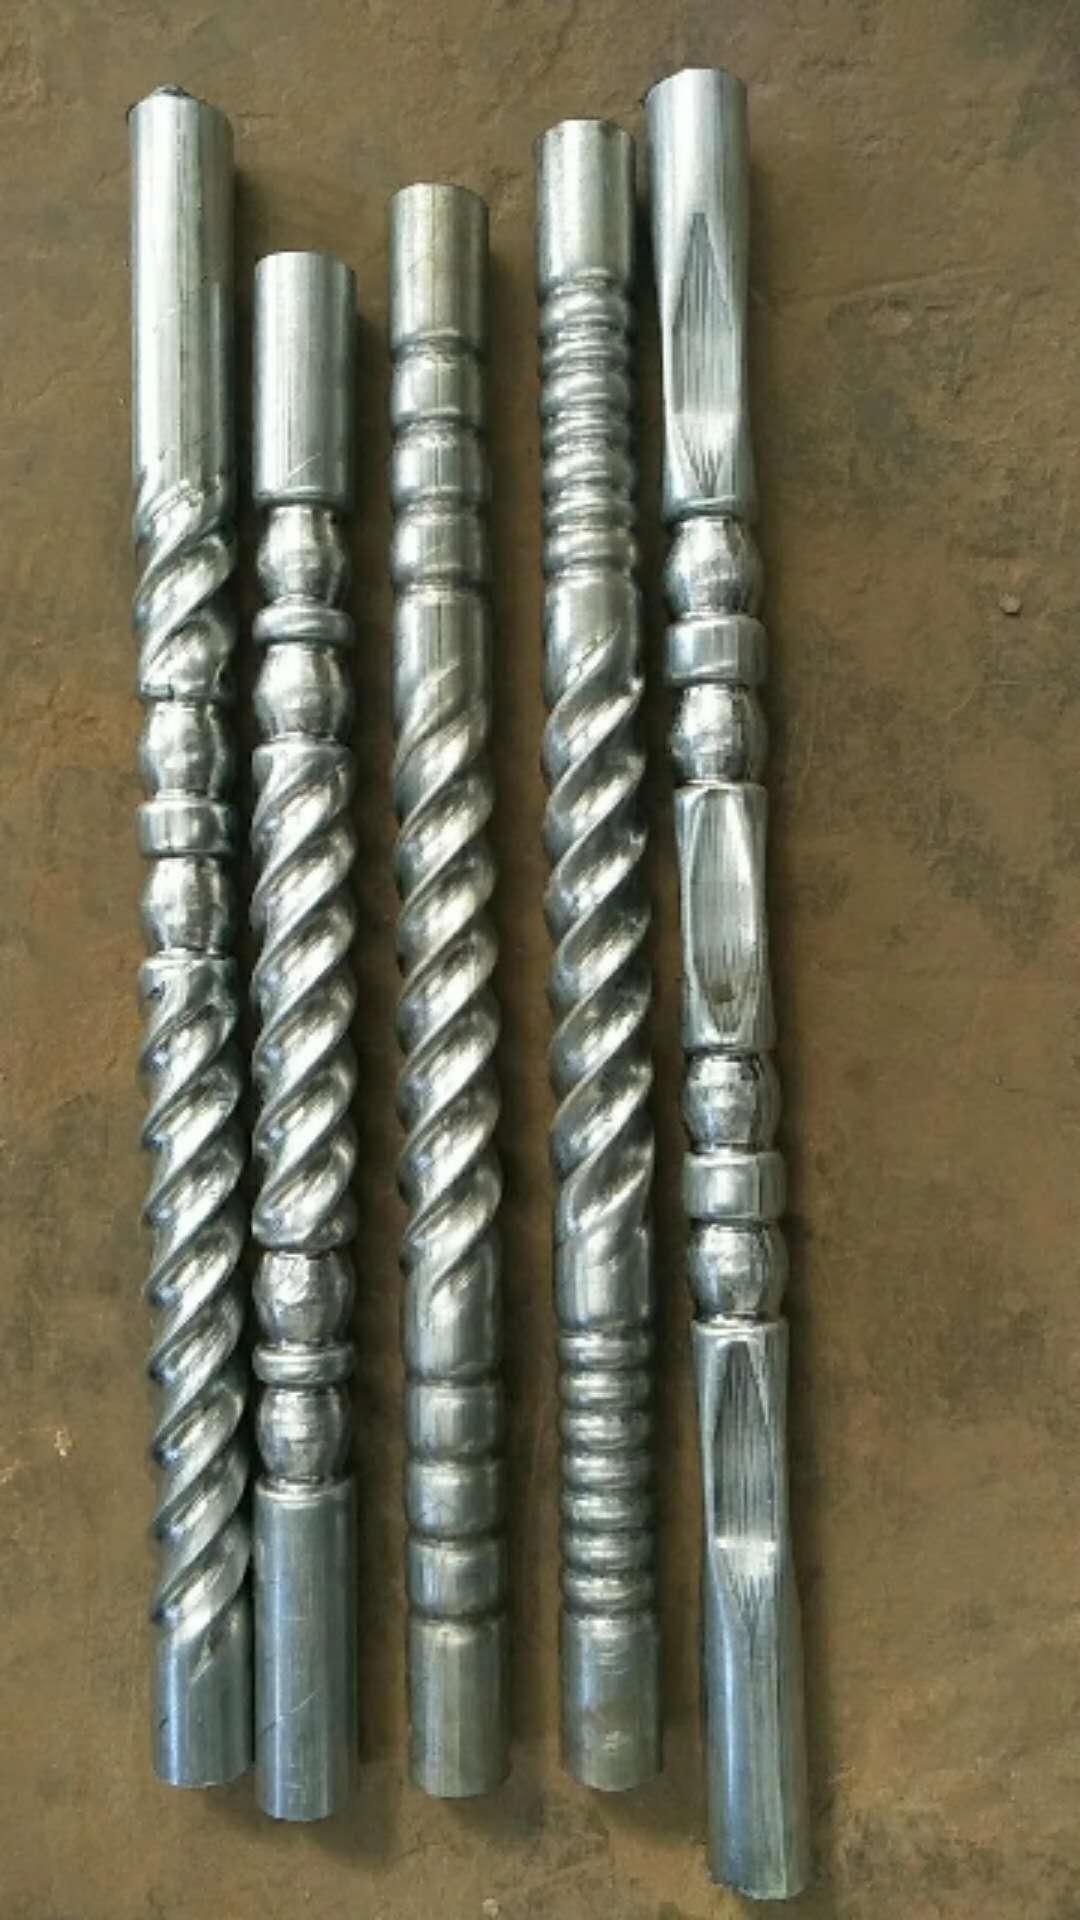 铁艺设备厂家,铁艺配件